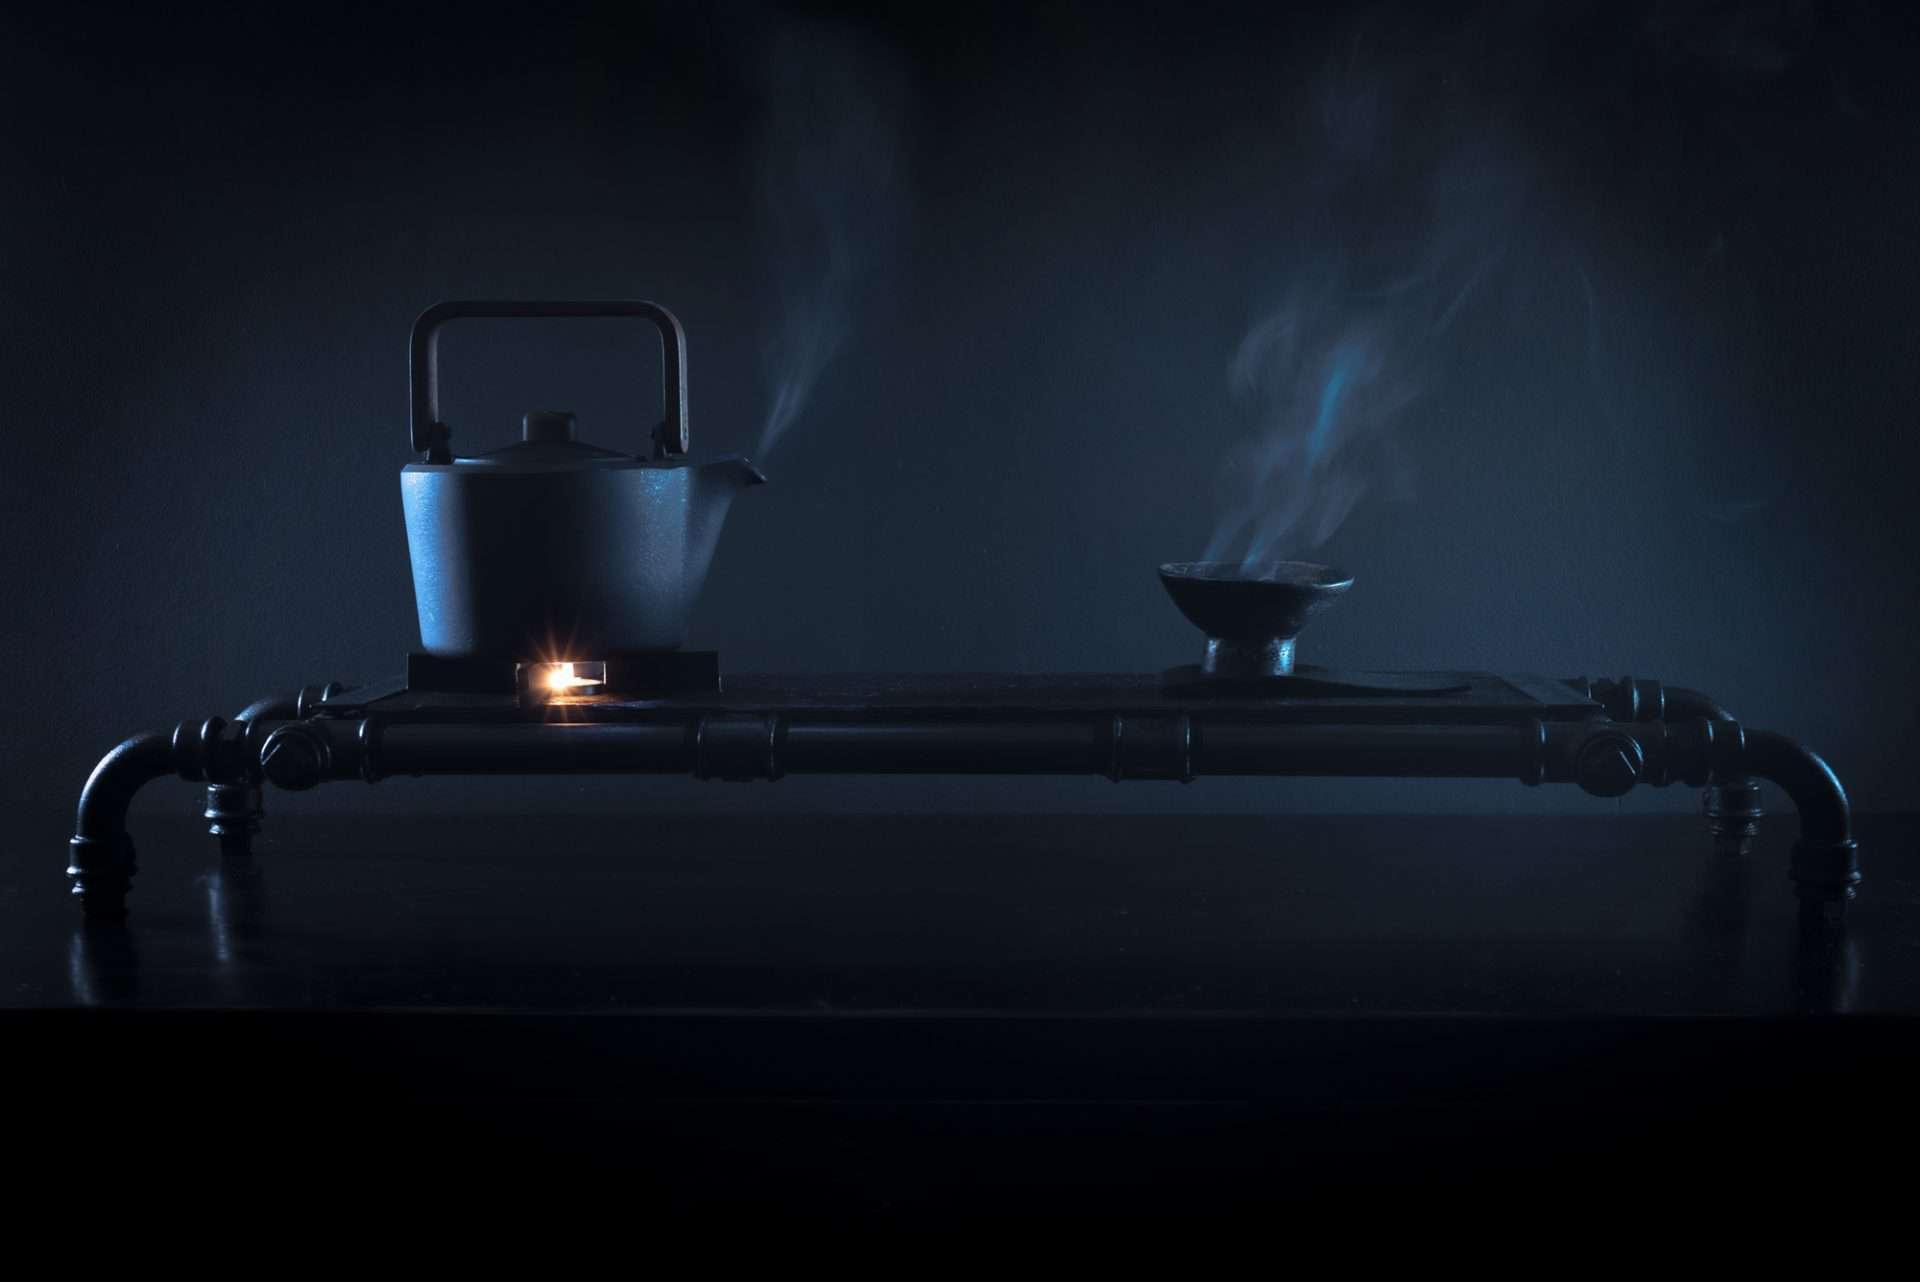 Cha-Board mit Stövchen und Kanne und Untersetzer von Cushin Kobo Masuda für die perfekte Tee-Zeremonie und Genuss hochwertigster und teurer Tee-Raritäten aus schwarzem Stahl und altem Eichenholz im Wabi-Sabi Stil designed von Lange Architekten für alveus Photo mit heißem Wasser-Dampf